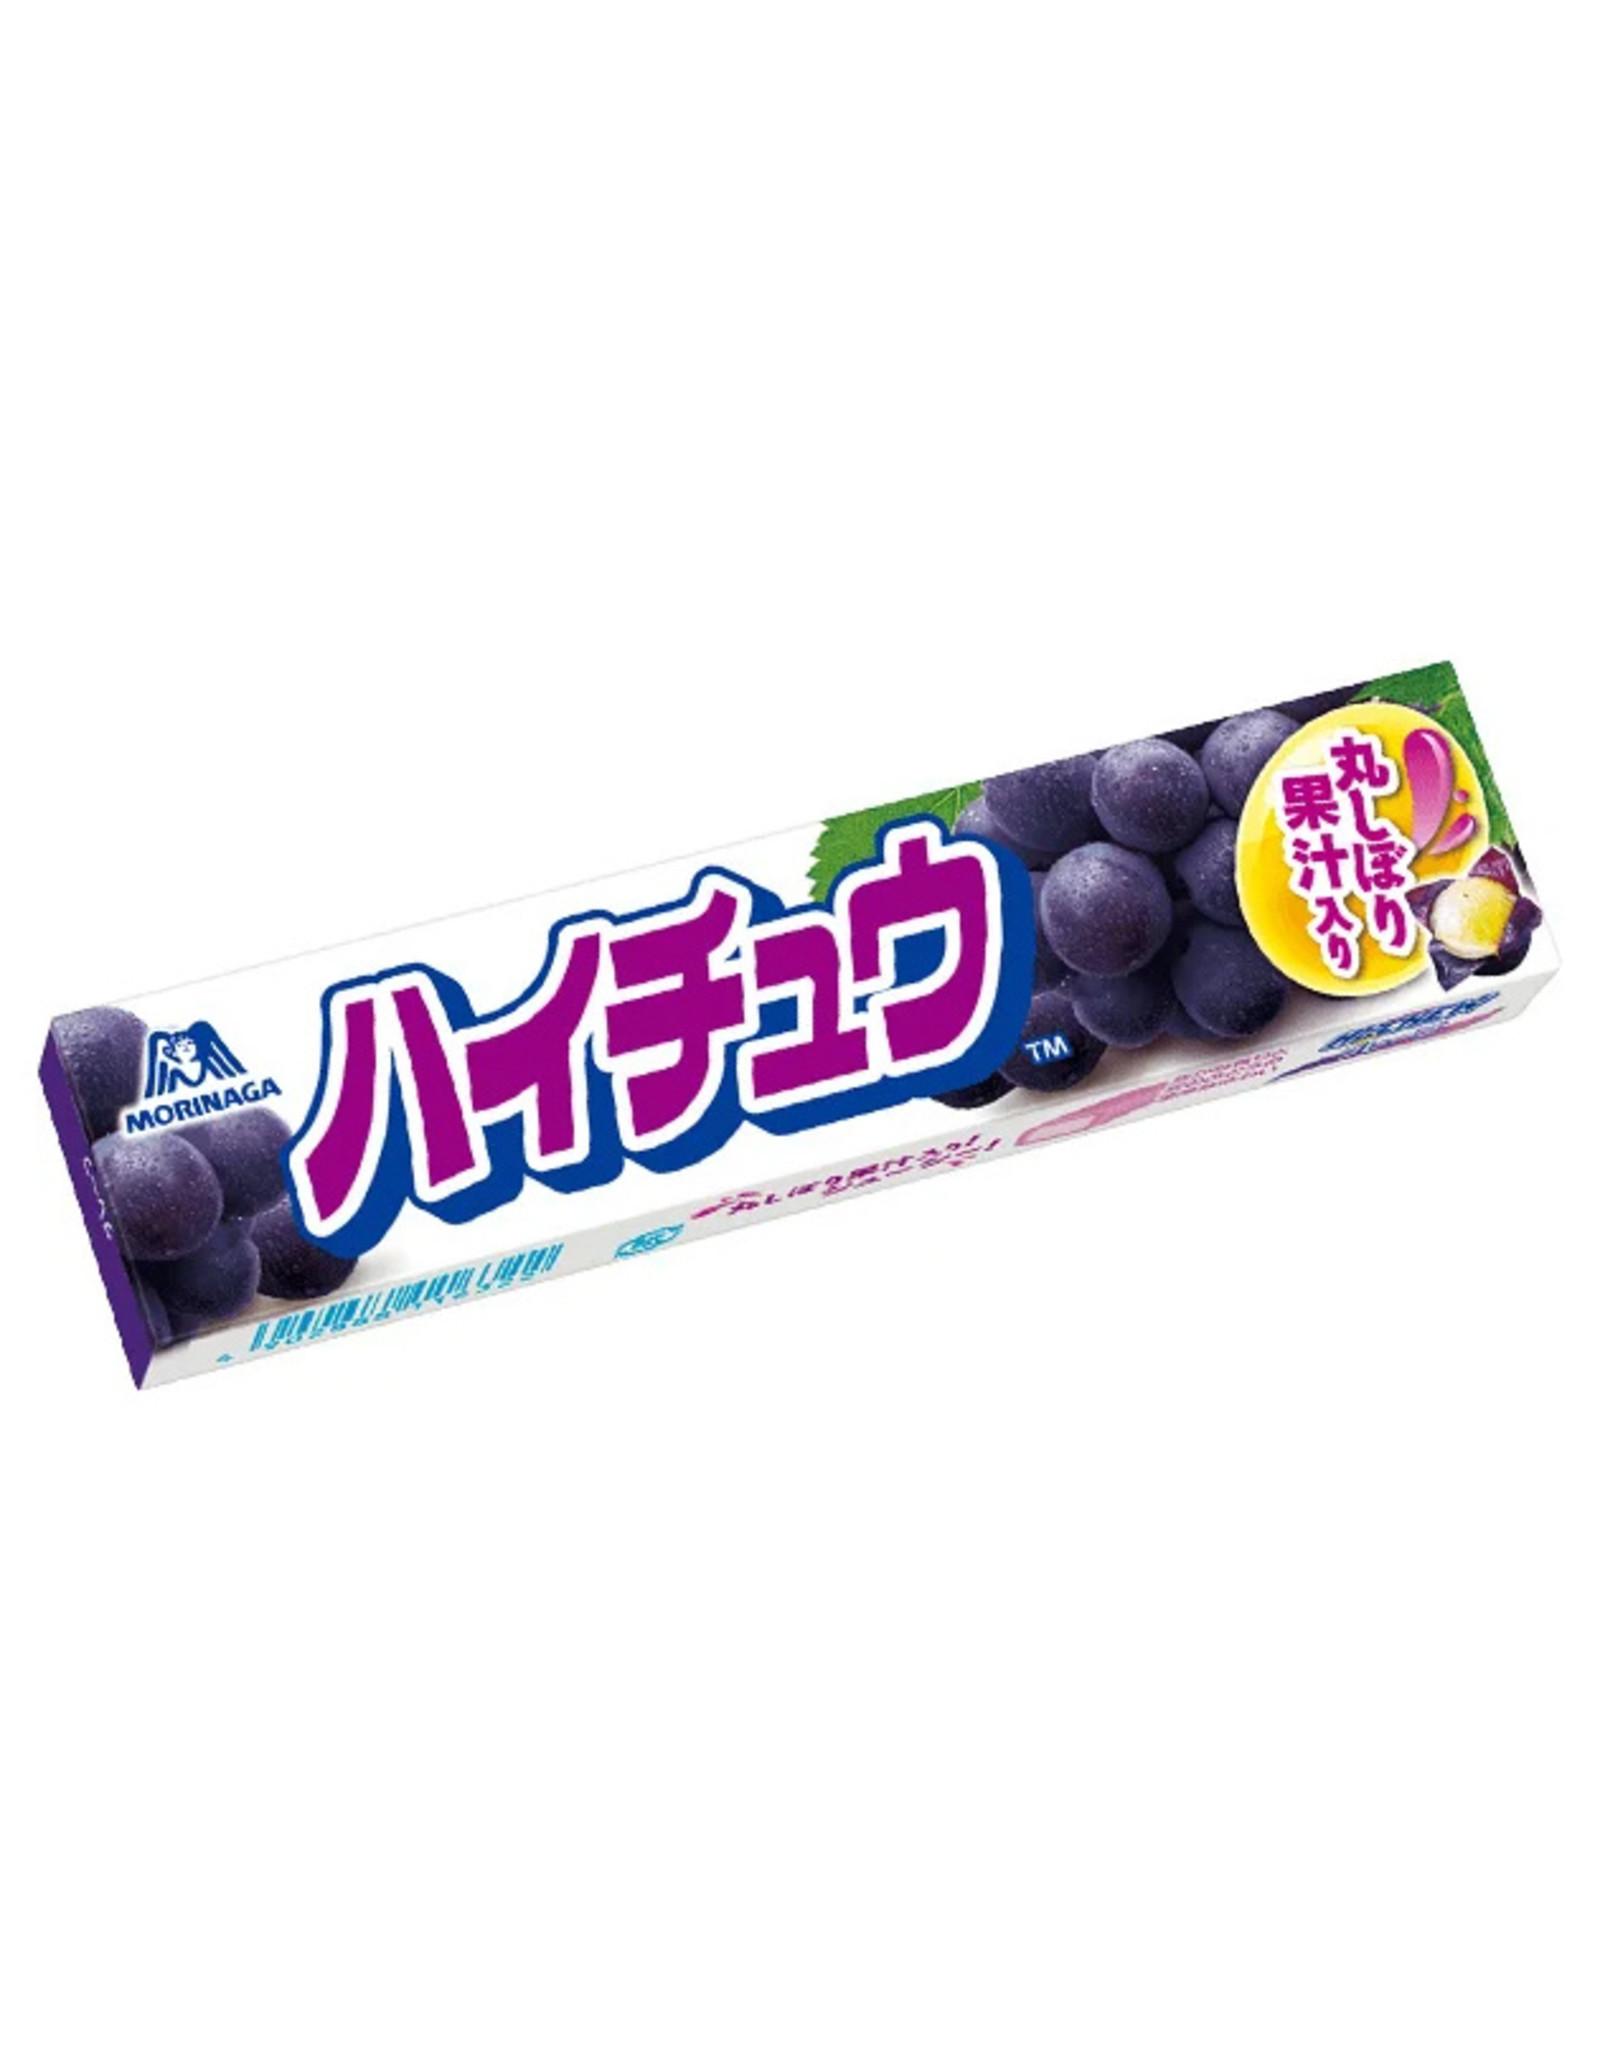 Hi-Chew Grape